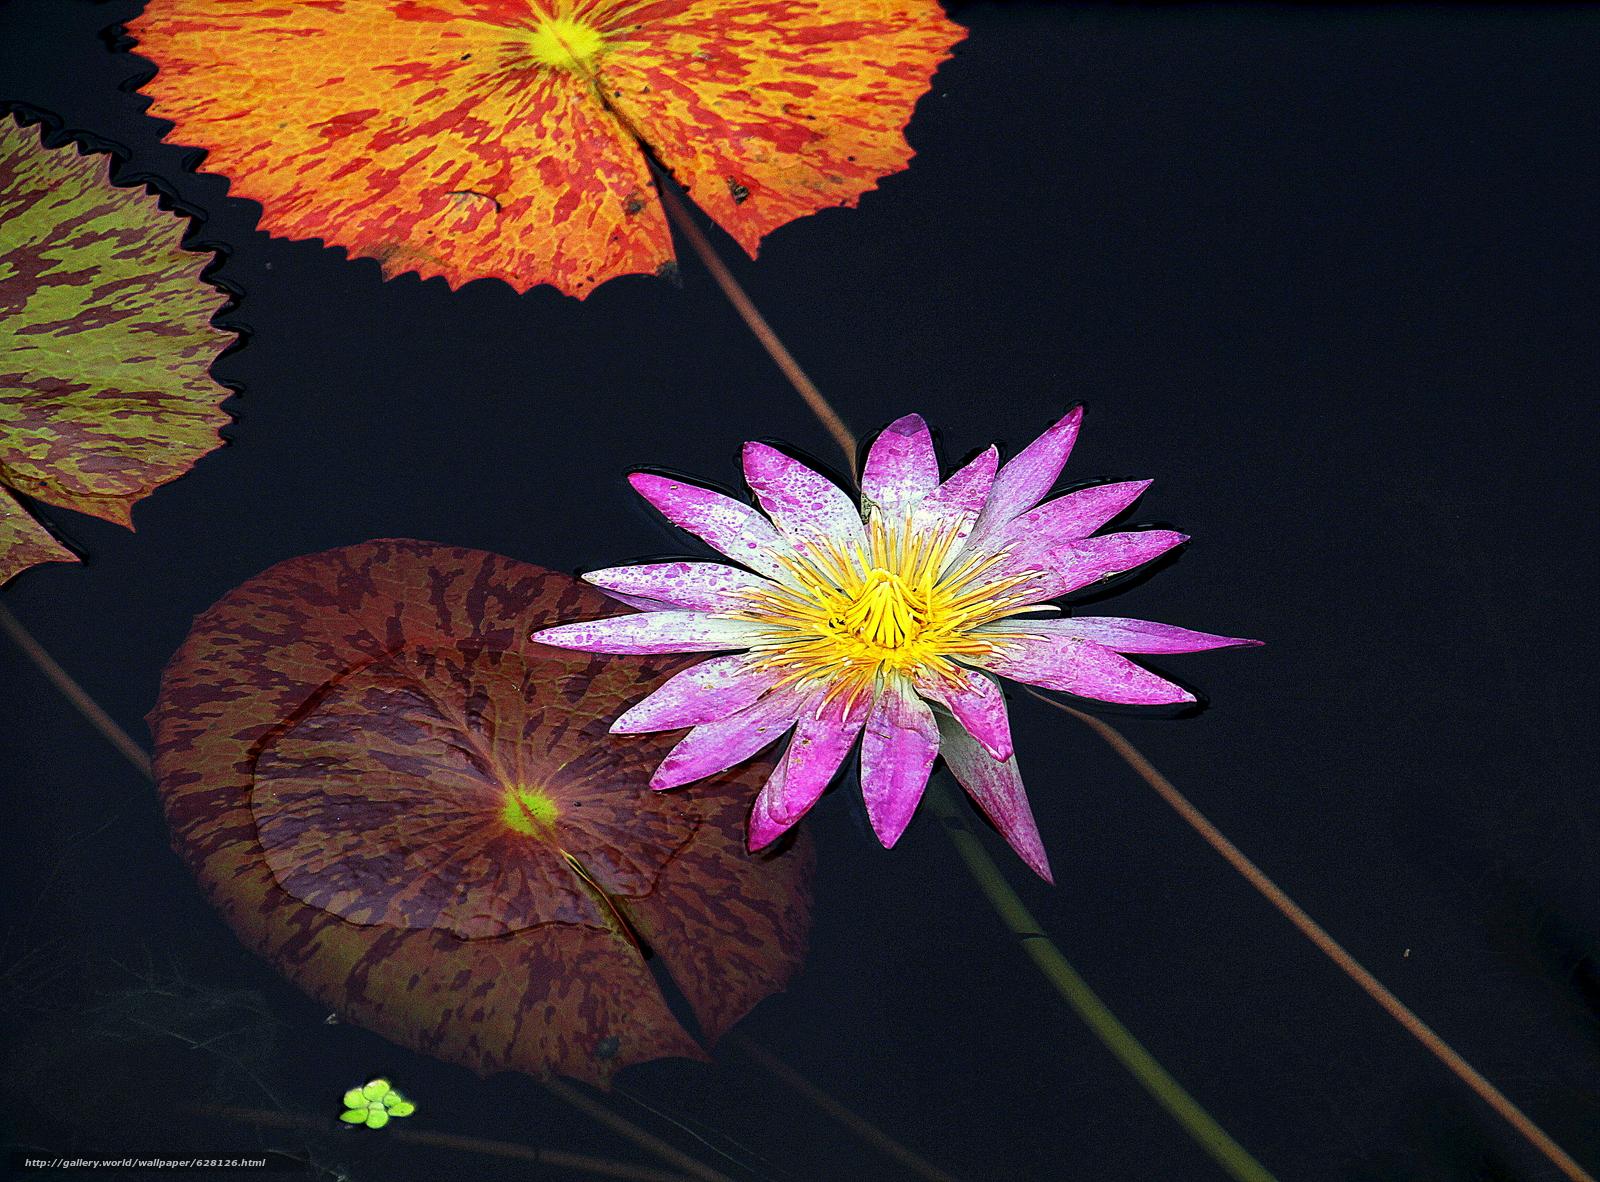 Скачать на телефон обои фото картинку на тему Water Lily, Водяная лилия, цветок, флора, разширение 4679x3456